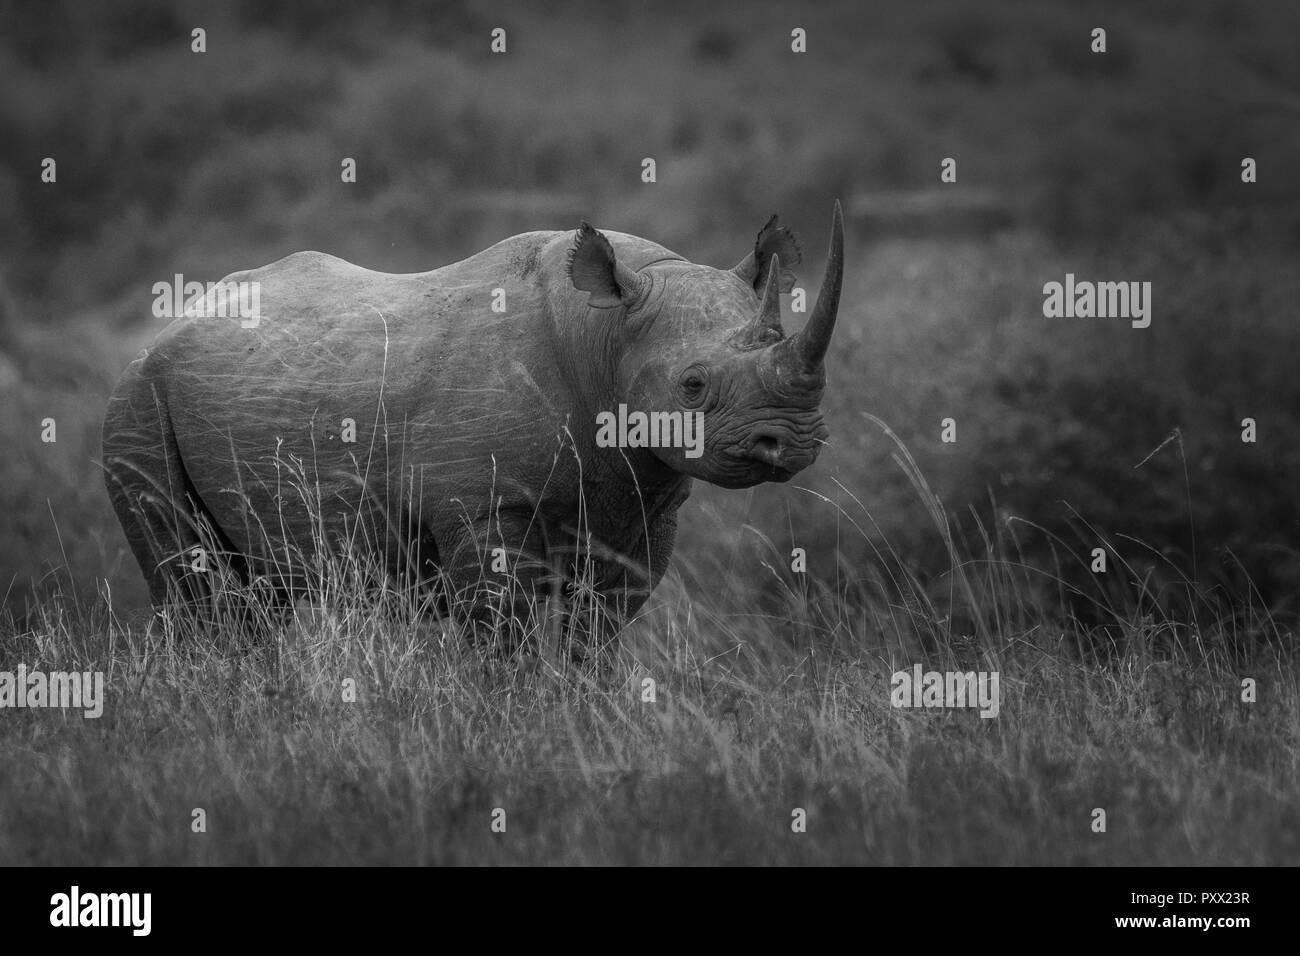 This image of Rhino is taken at Masai Mara in Kenya. - Stock Image